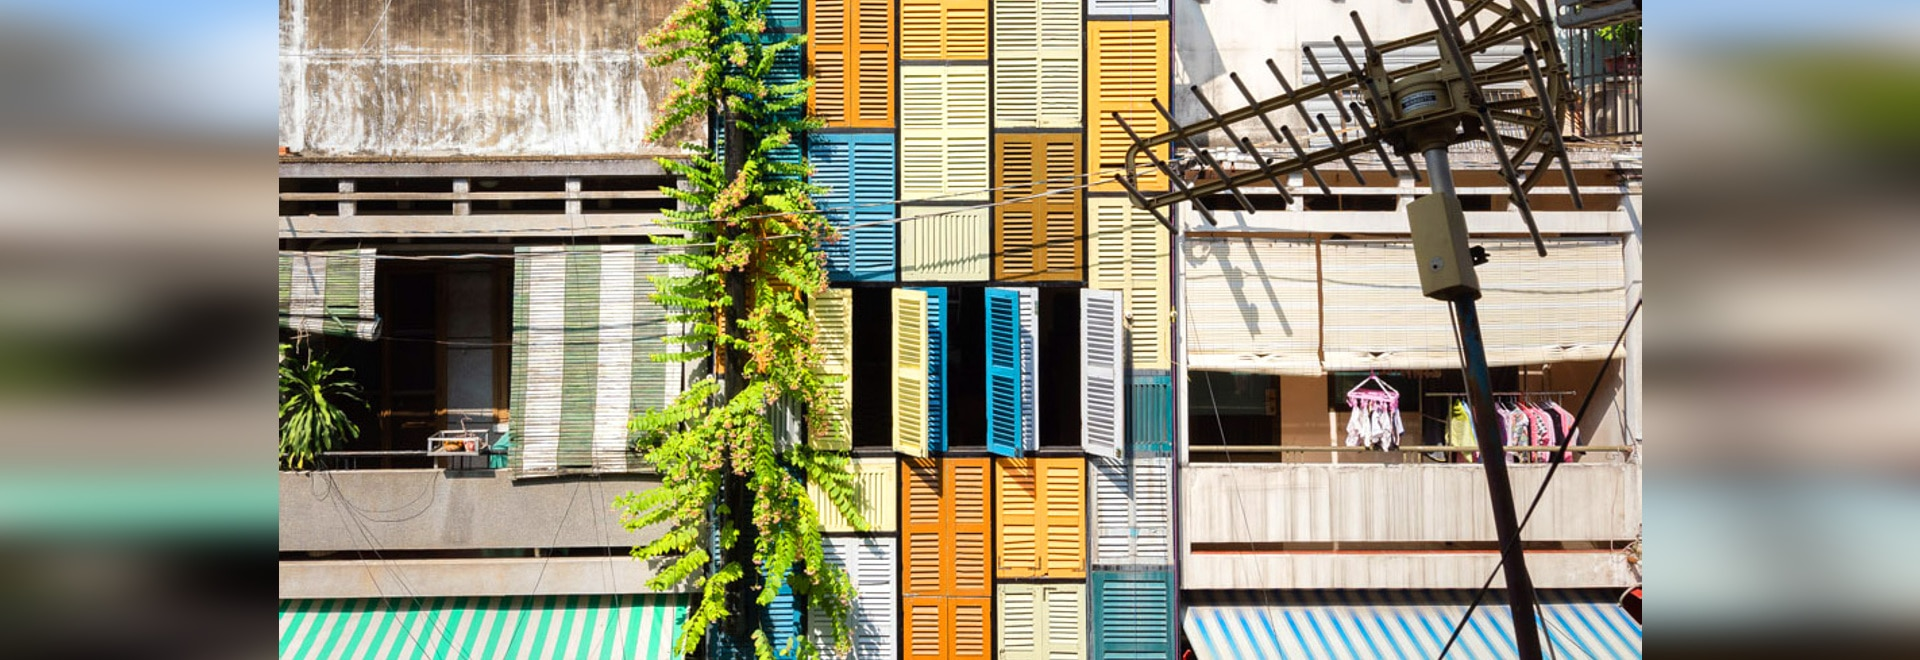 La ville de Ho Chi Minh, Vietnam, a gagné une addition avec du charme et colorée à ses voisinages paisibles. Maintenir en conformité avec autre traditionnel ? maisons de tube ? dans le secteur, la ...